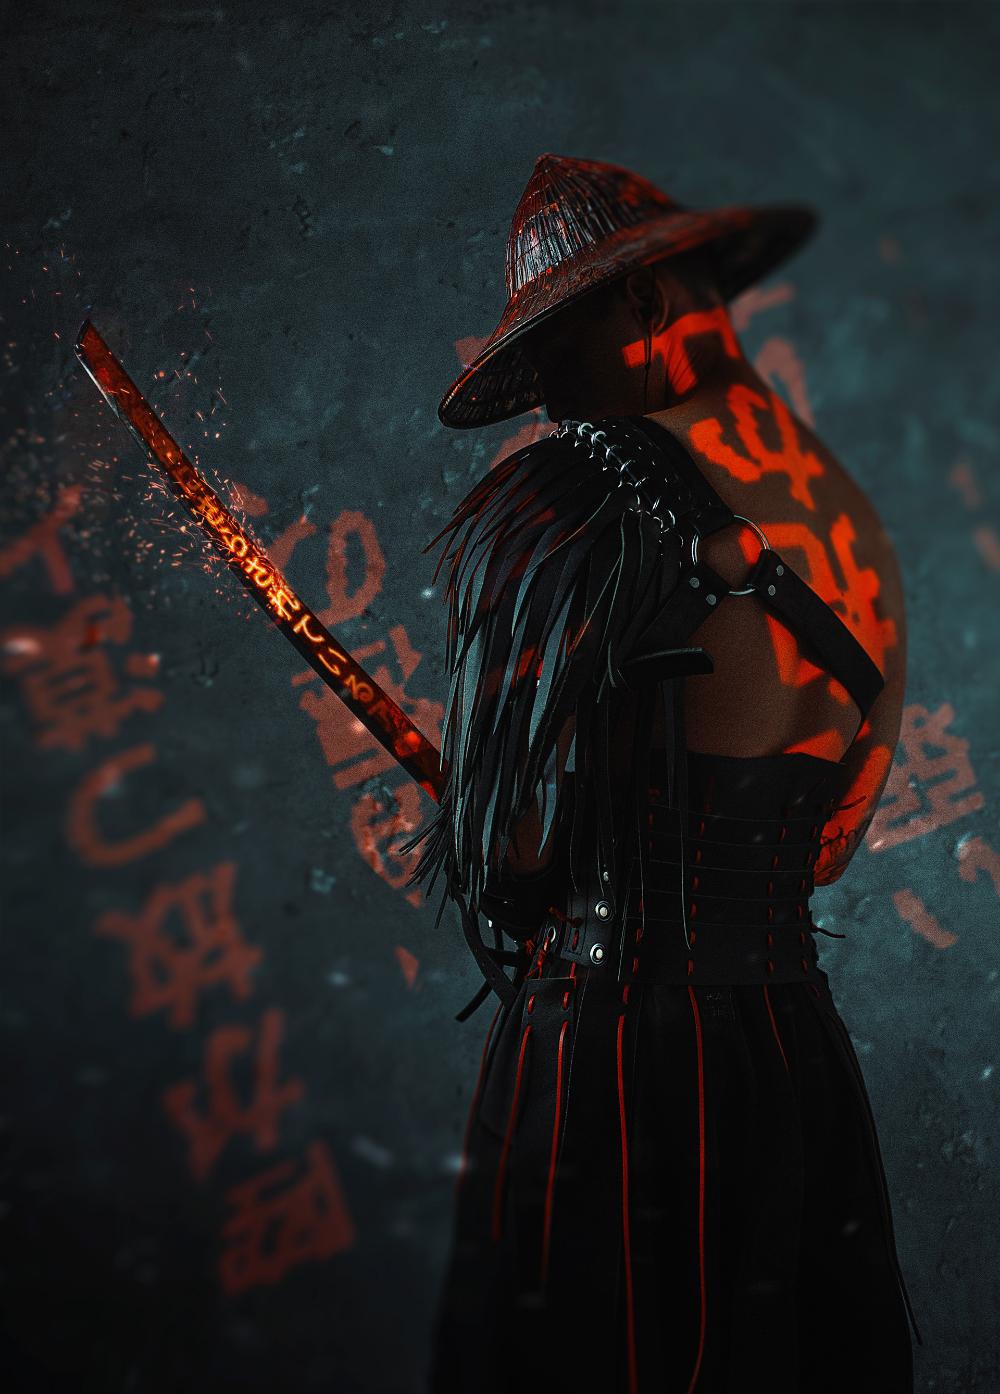 Cyberpunk On Behance Samurai Guerreiro Tatuagem De Guerreiro Samurai Ideias Para Personagens